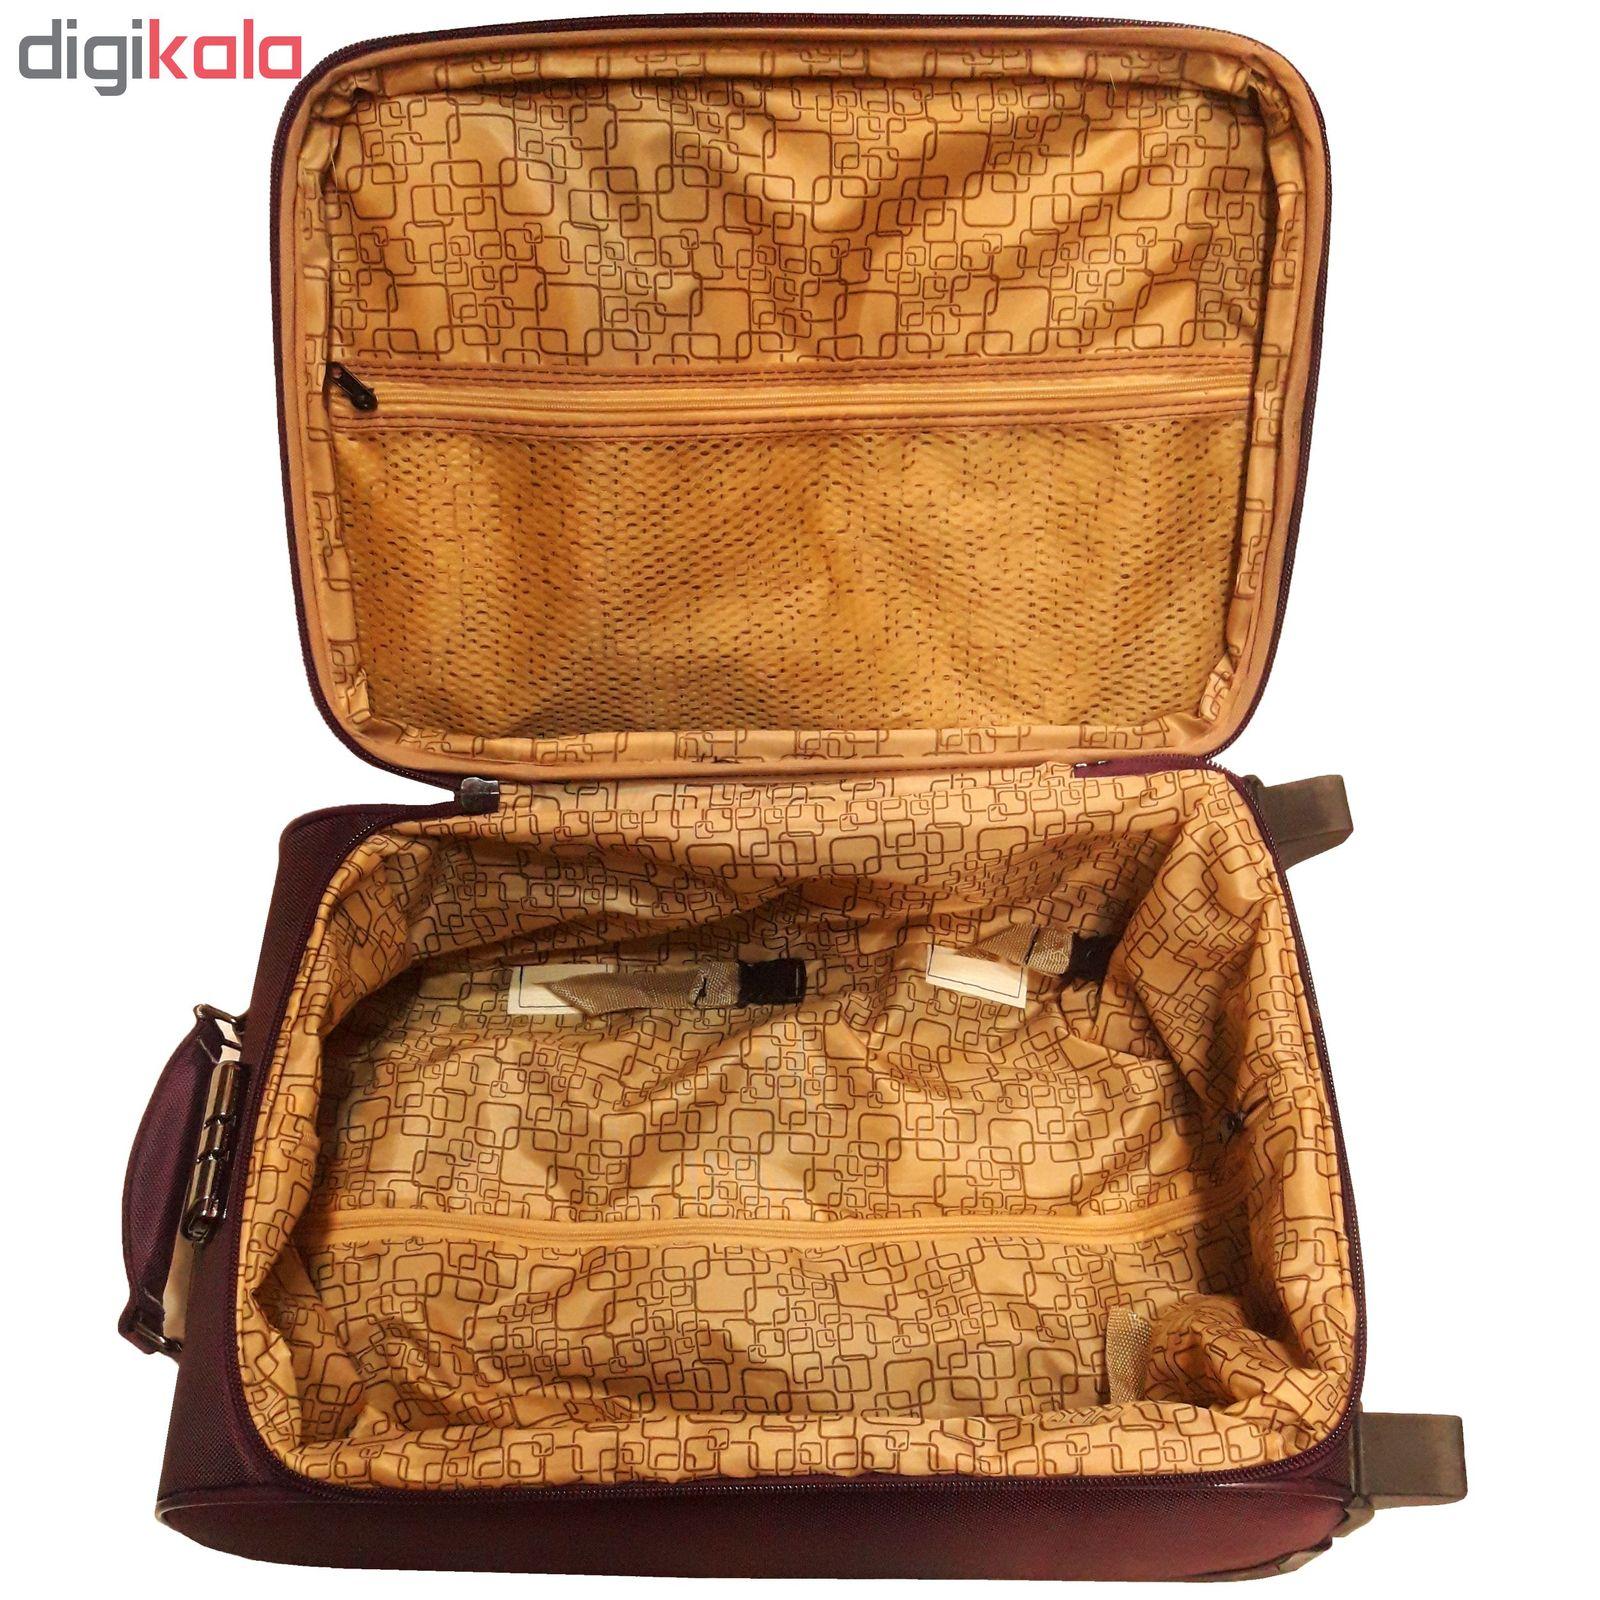 مجموعه سه عددی چمدان تاپ استار مدل newtop2 main 1 3